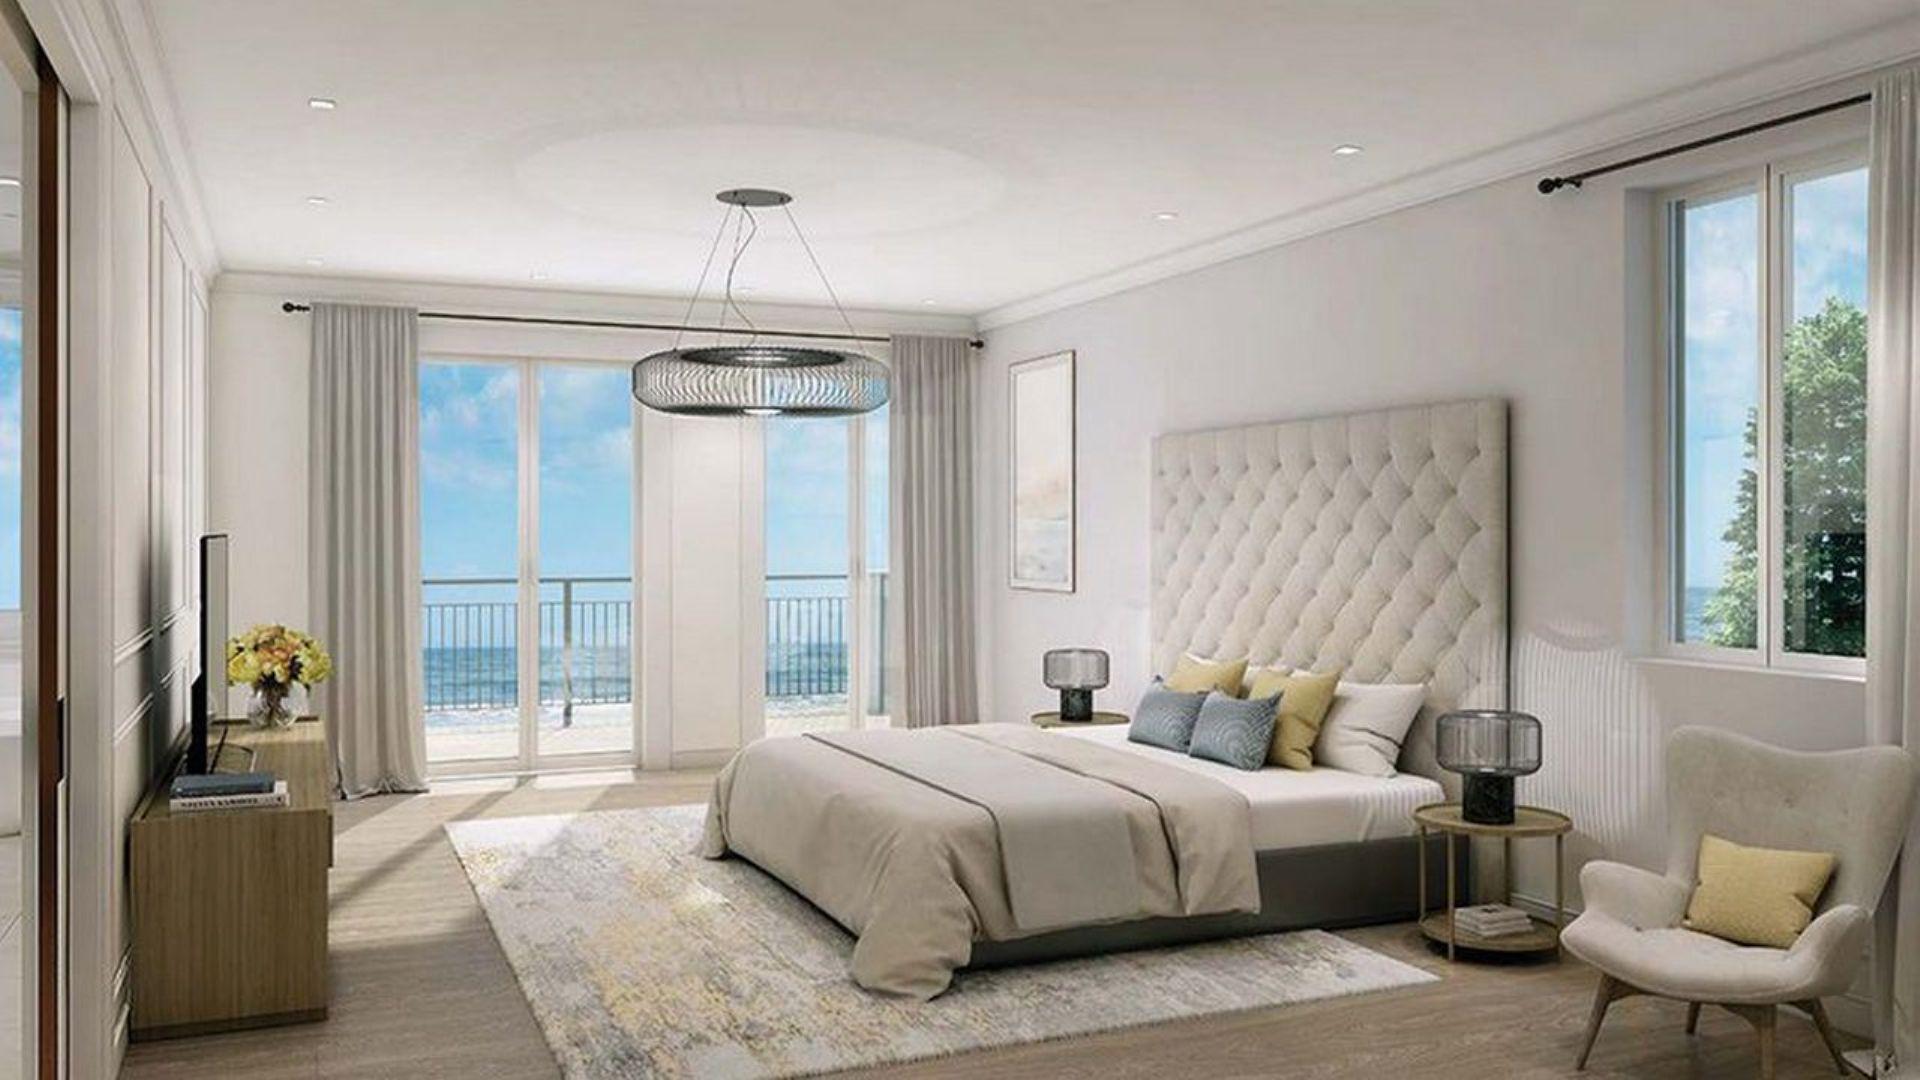 Adosado en venta en Dubai, EAU, 4 dormitorios, 445 m2, № 24331 – foto 1